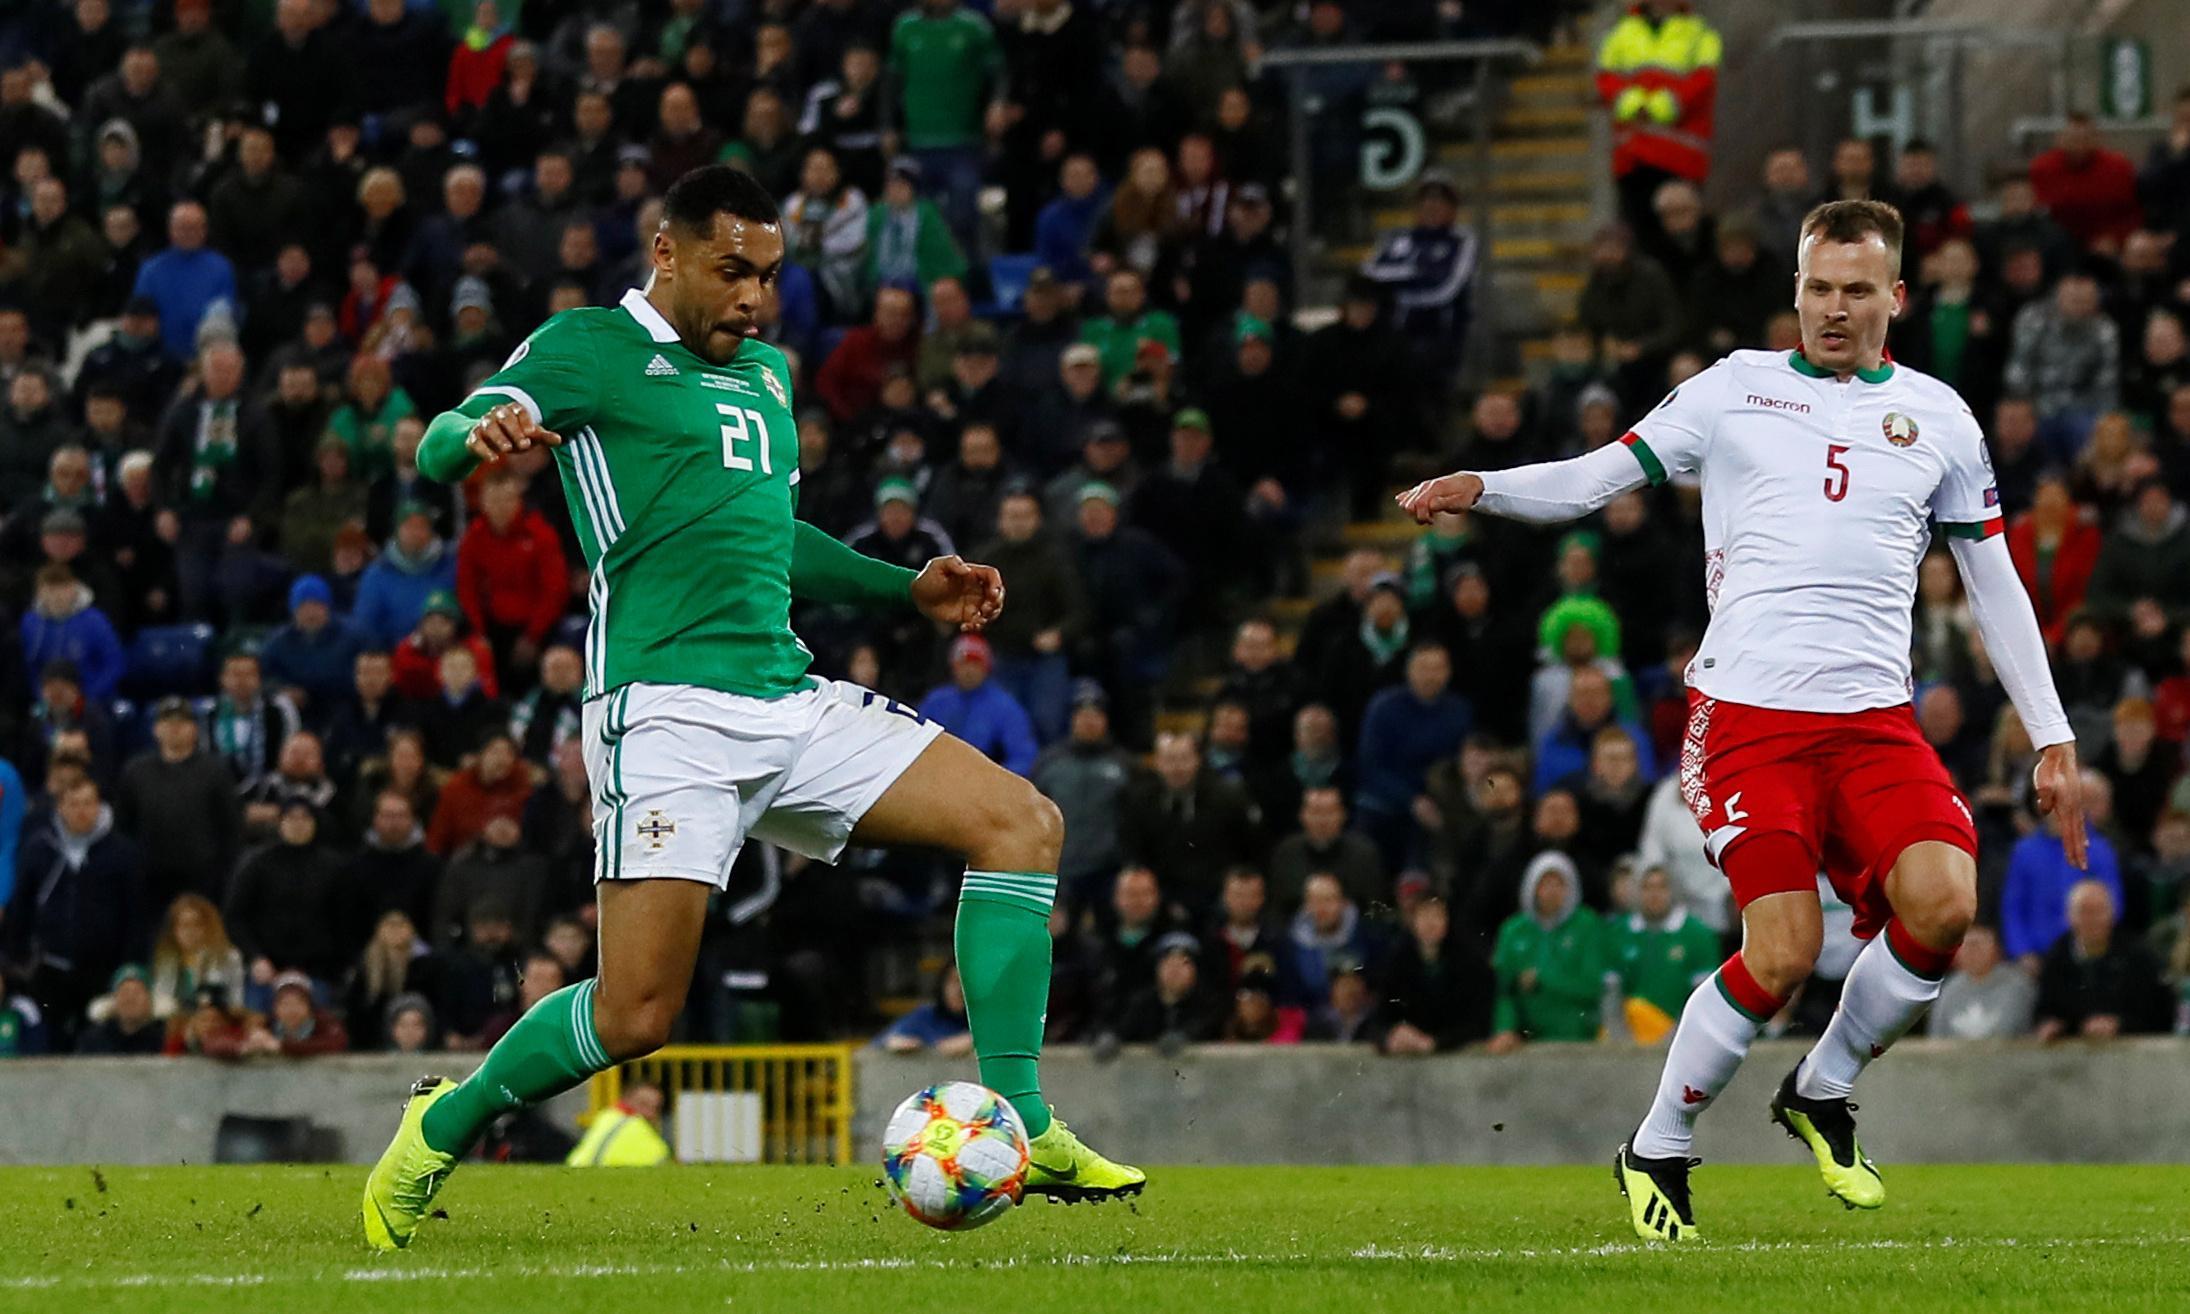 Josh Magennis strikes late for Northern Ireland to beat Belarus